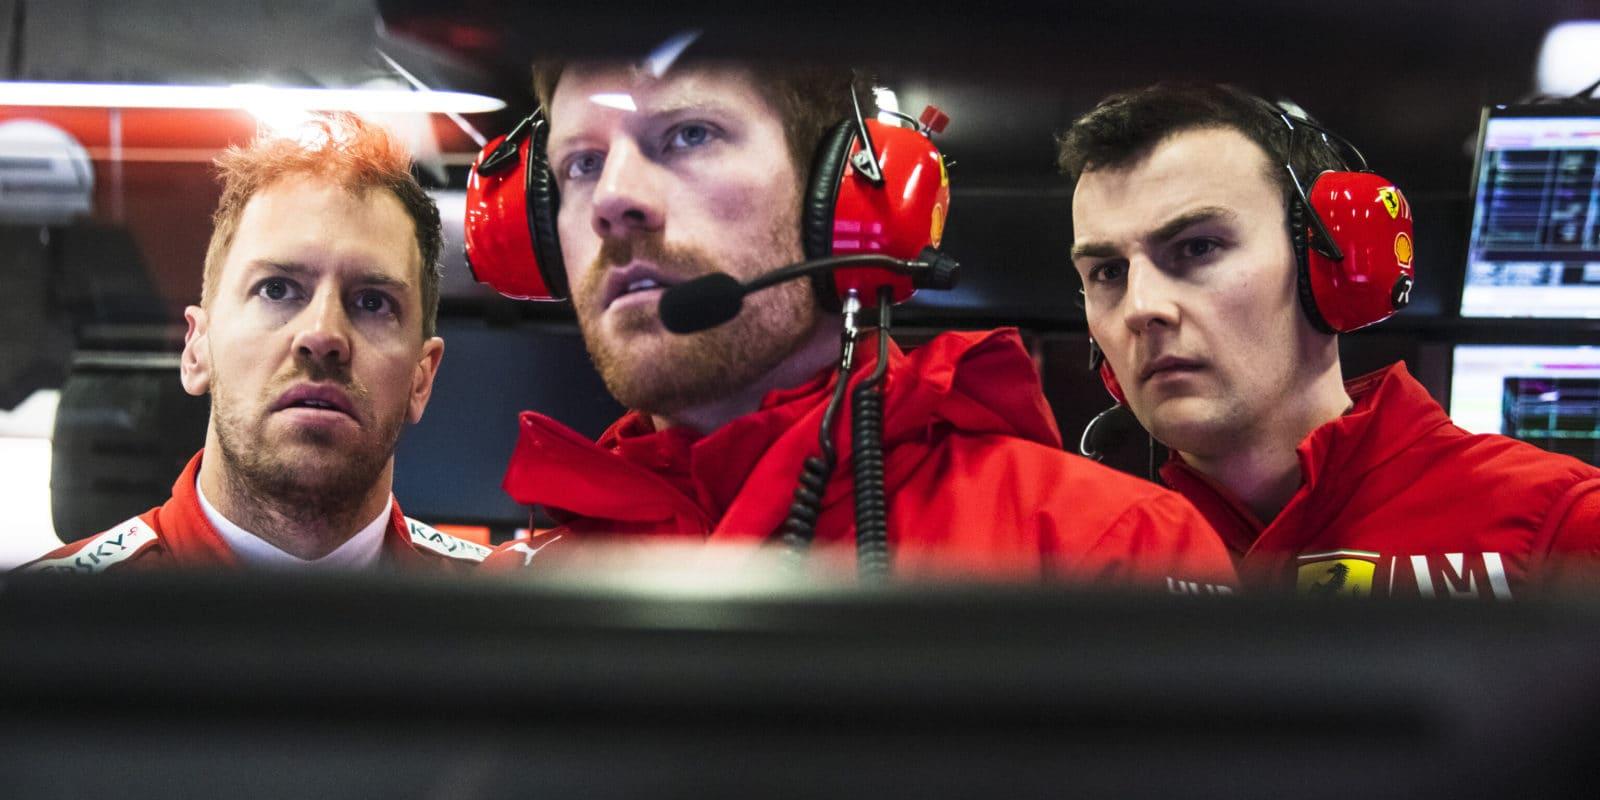 Formule1 potvrdila udělování bodu zanejrychlejší kolo